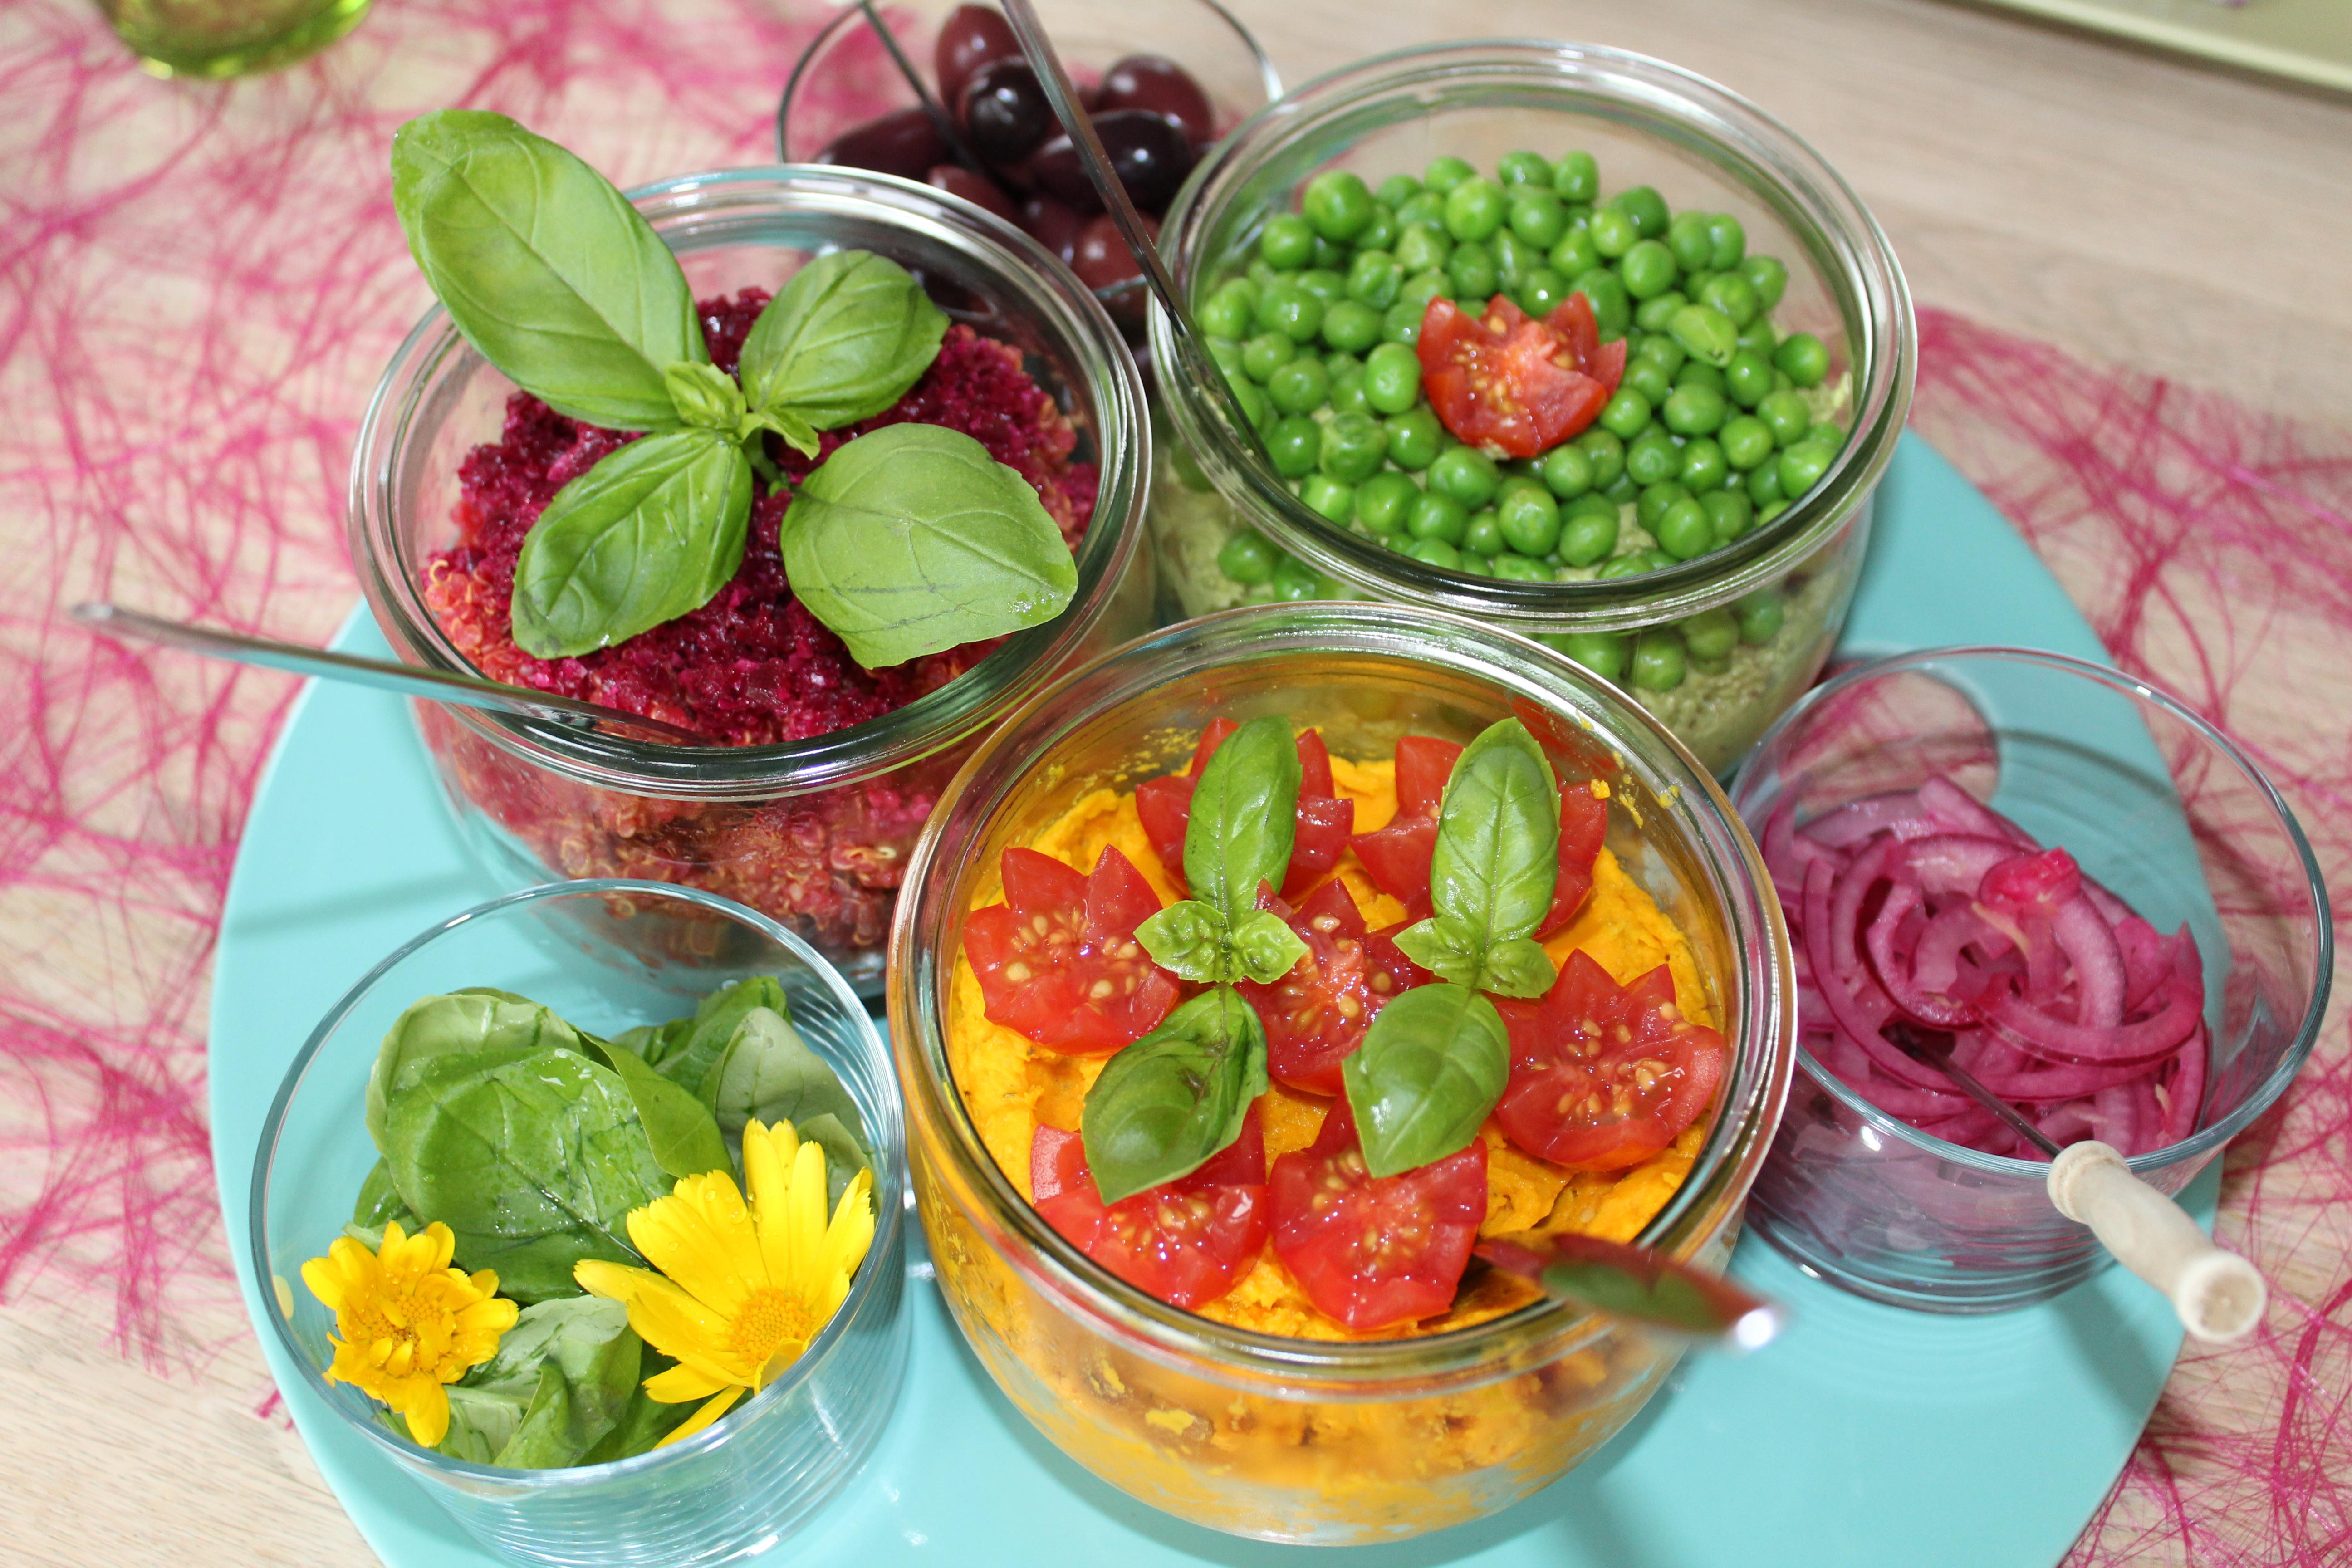 Vegansk smørepålæg til en venne-frokost